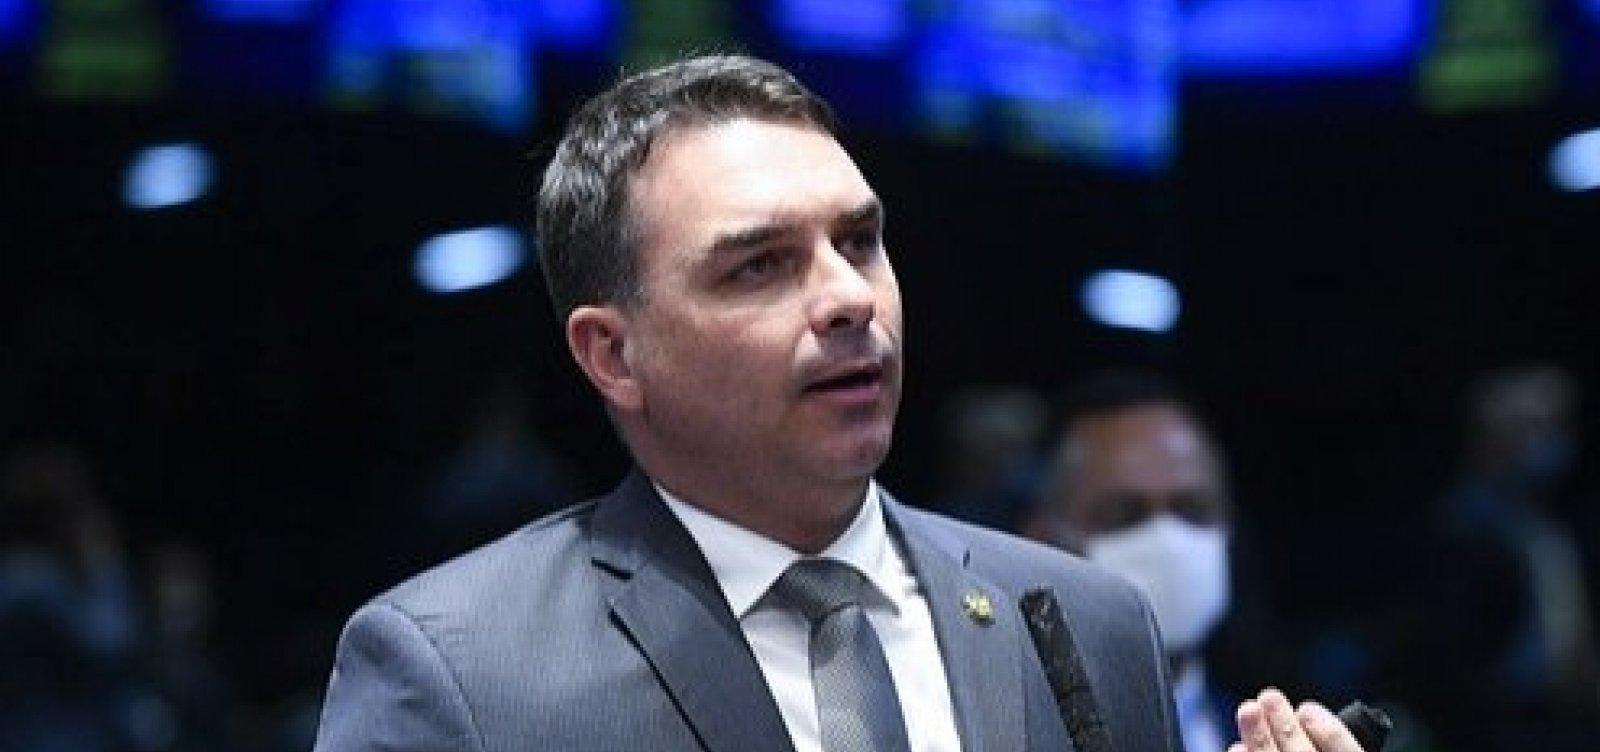 [MP recorre de decisão do STF sobre Flávio Bolsonaro]